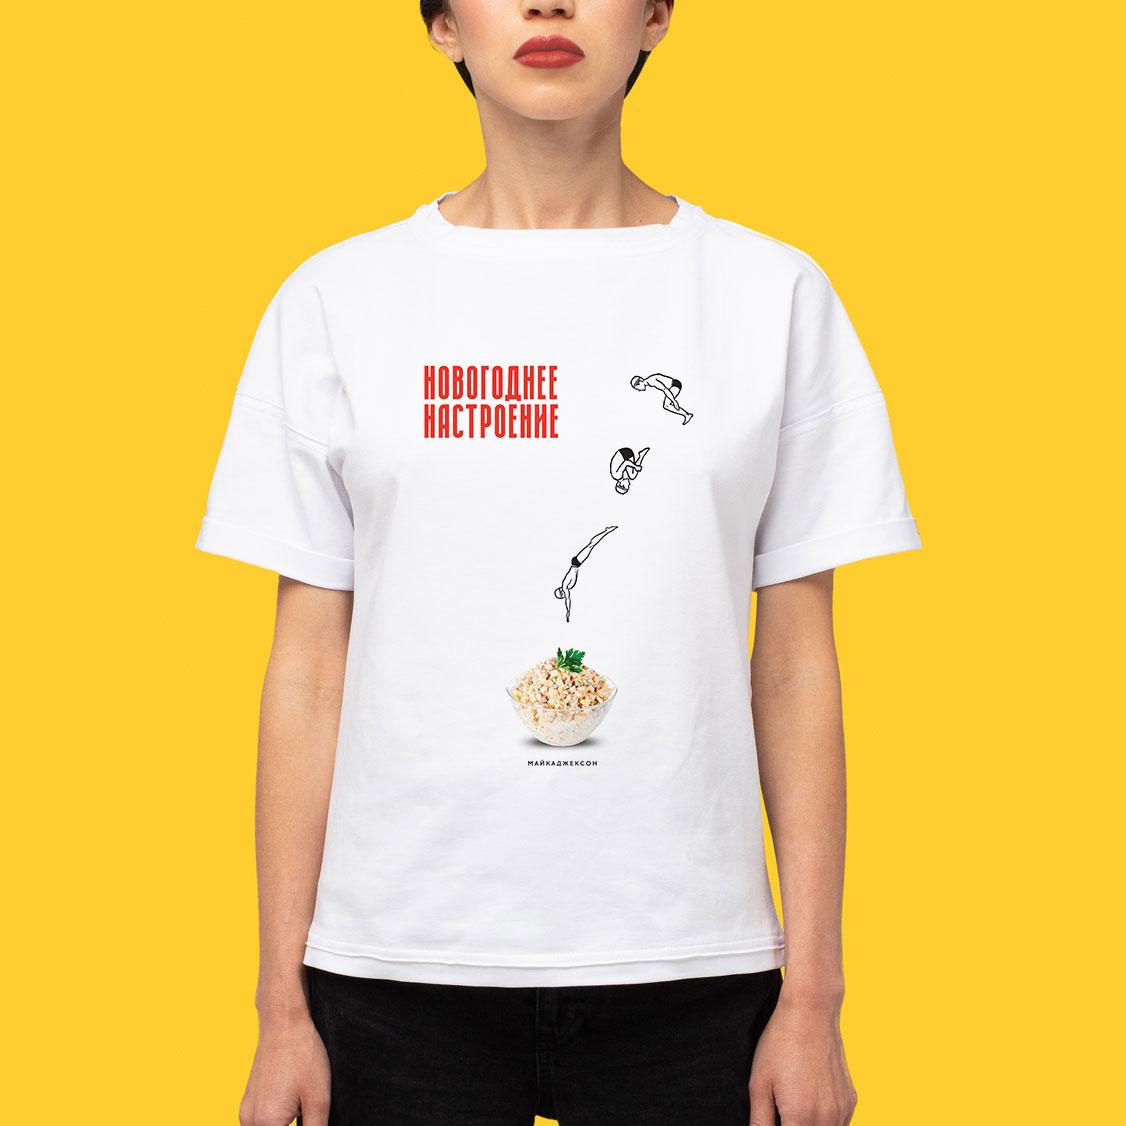 МАЙКАДЖЕКСОН - Прыжок в оливье (новогодняя футболка)